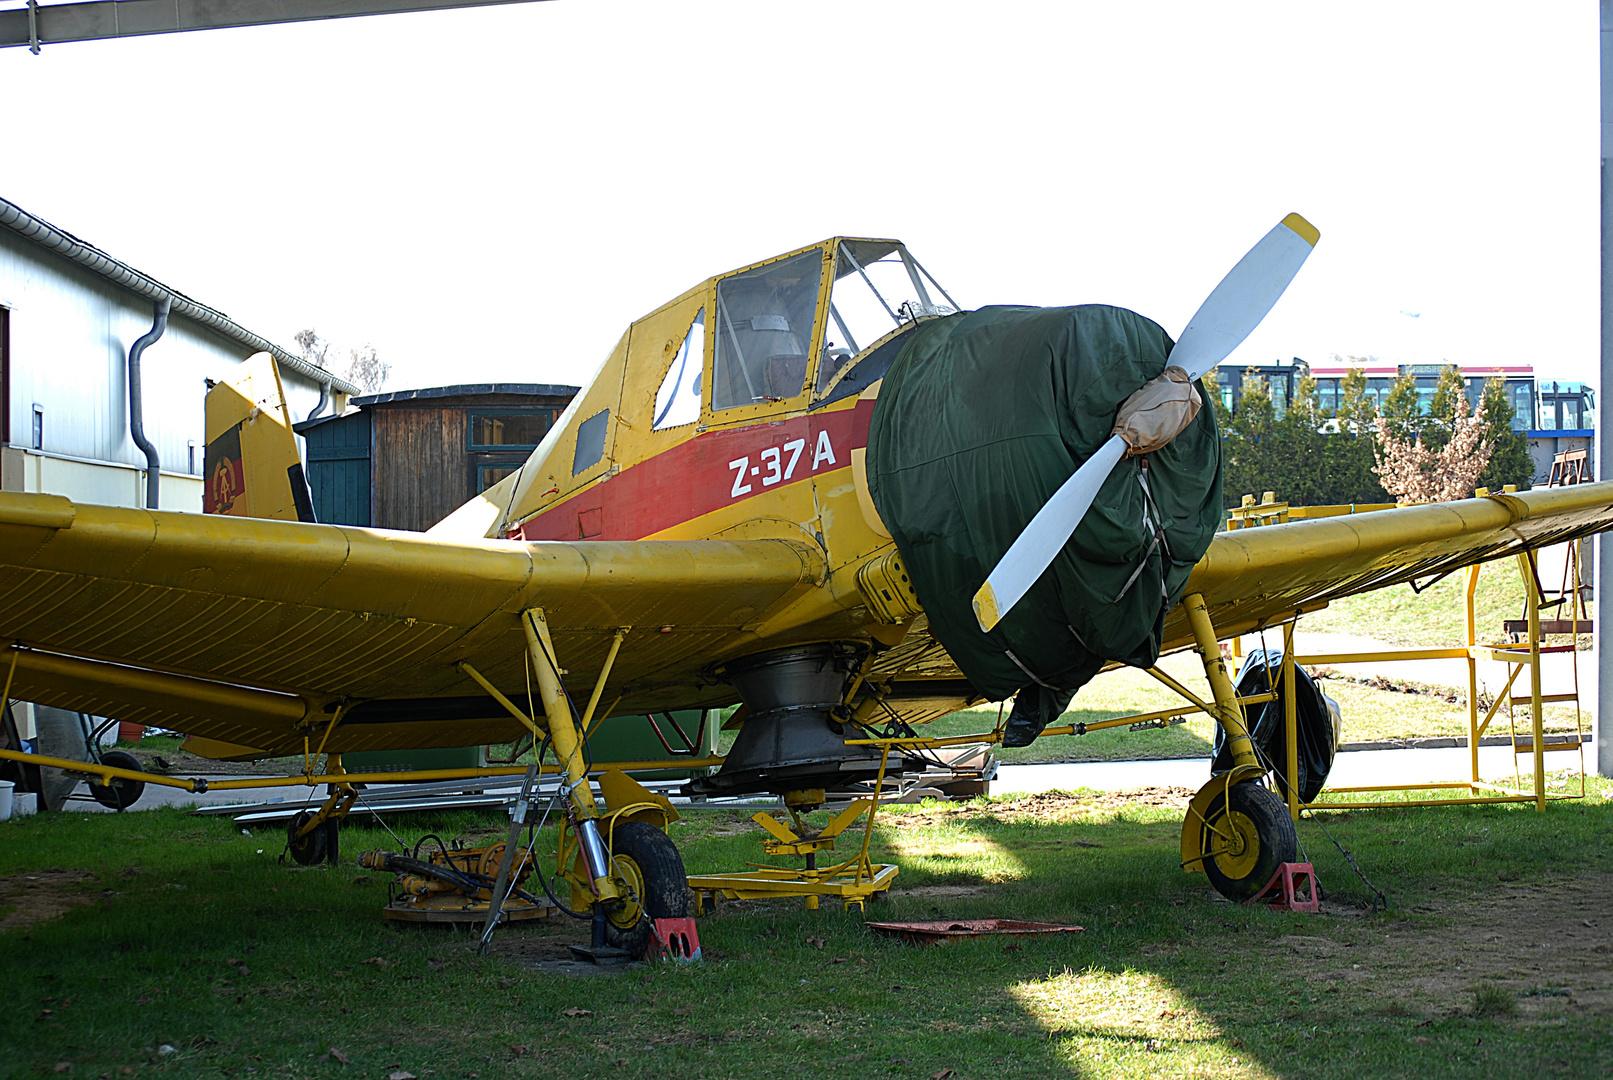 Agrar Flugzeug